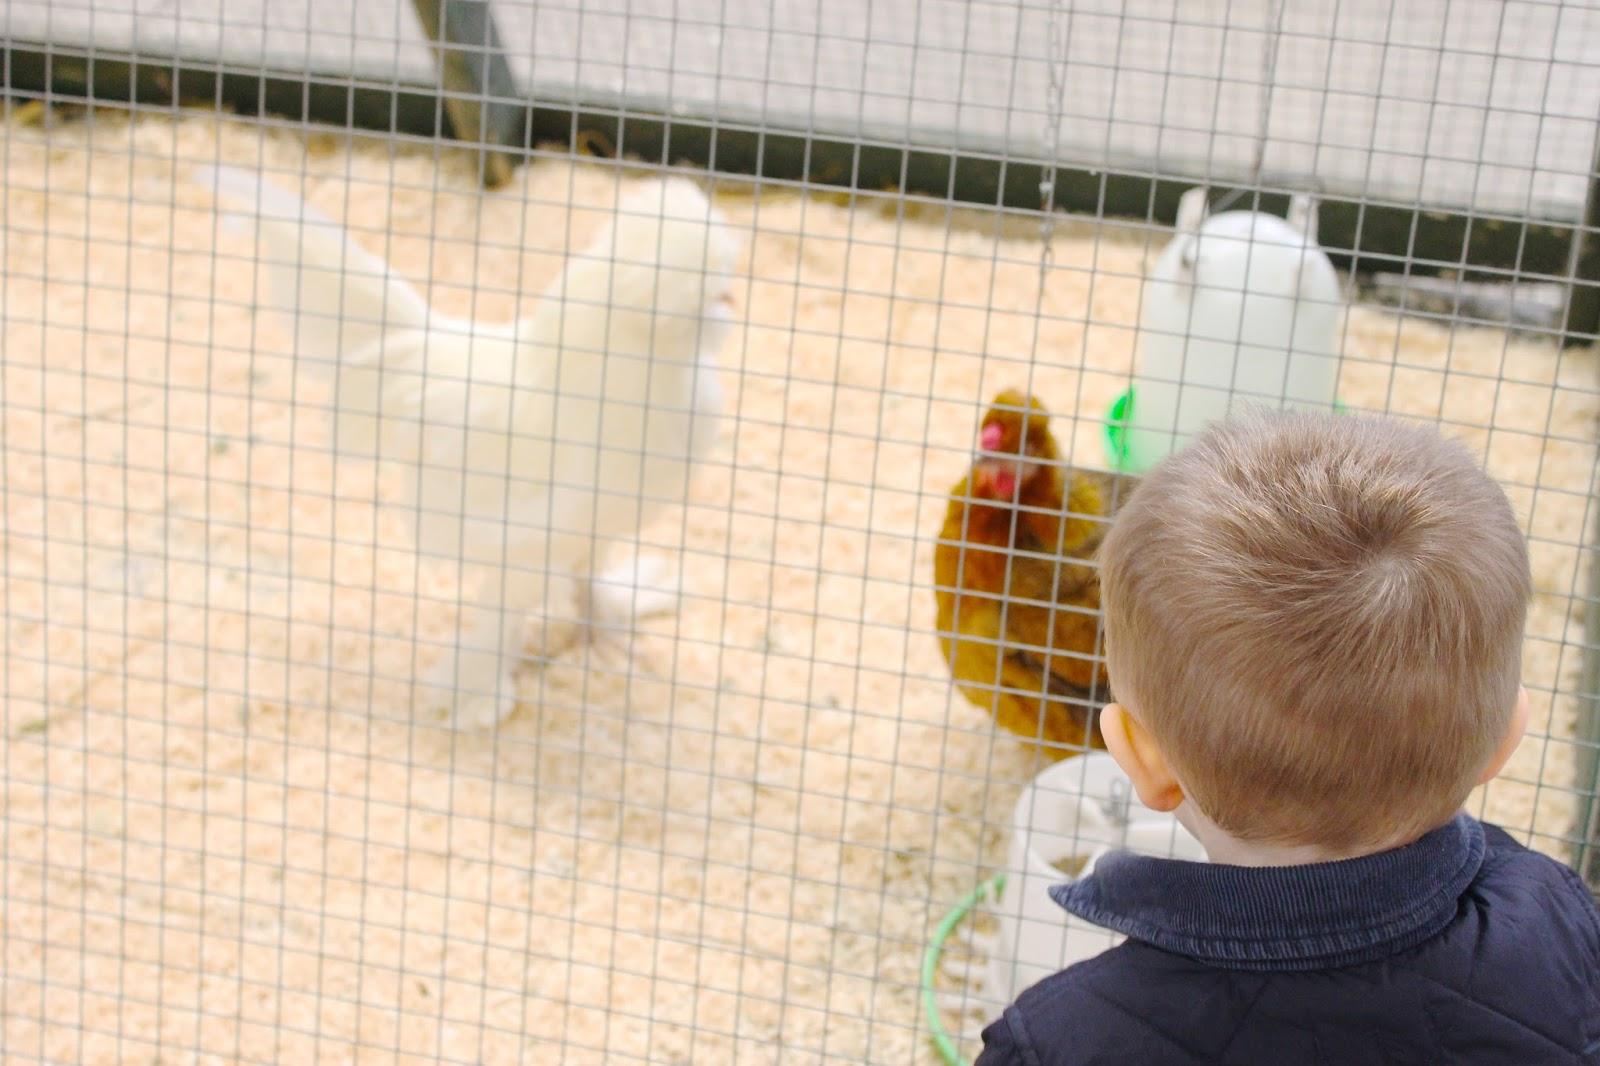 folly farm review, folly farm wales